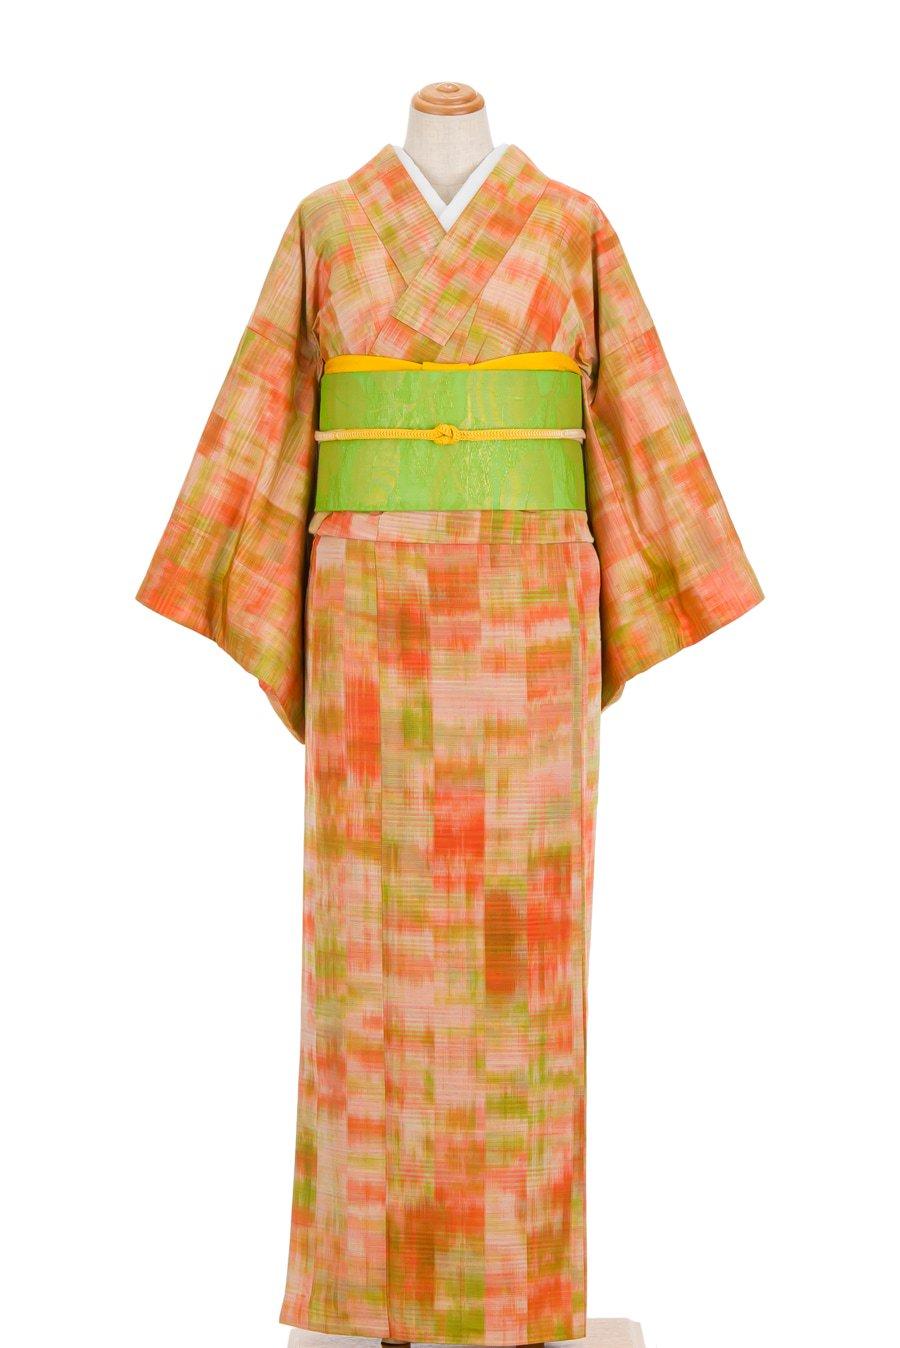 「単衣 紬 オレンジと黄緑」の商品画像